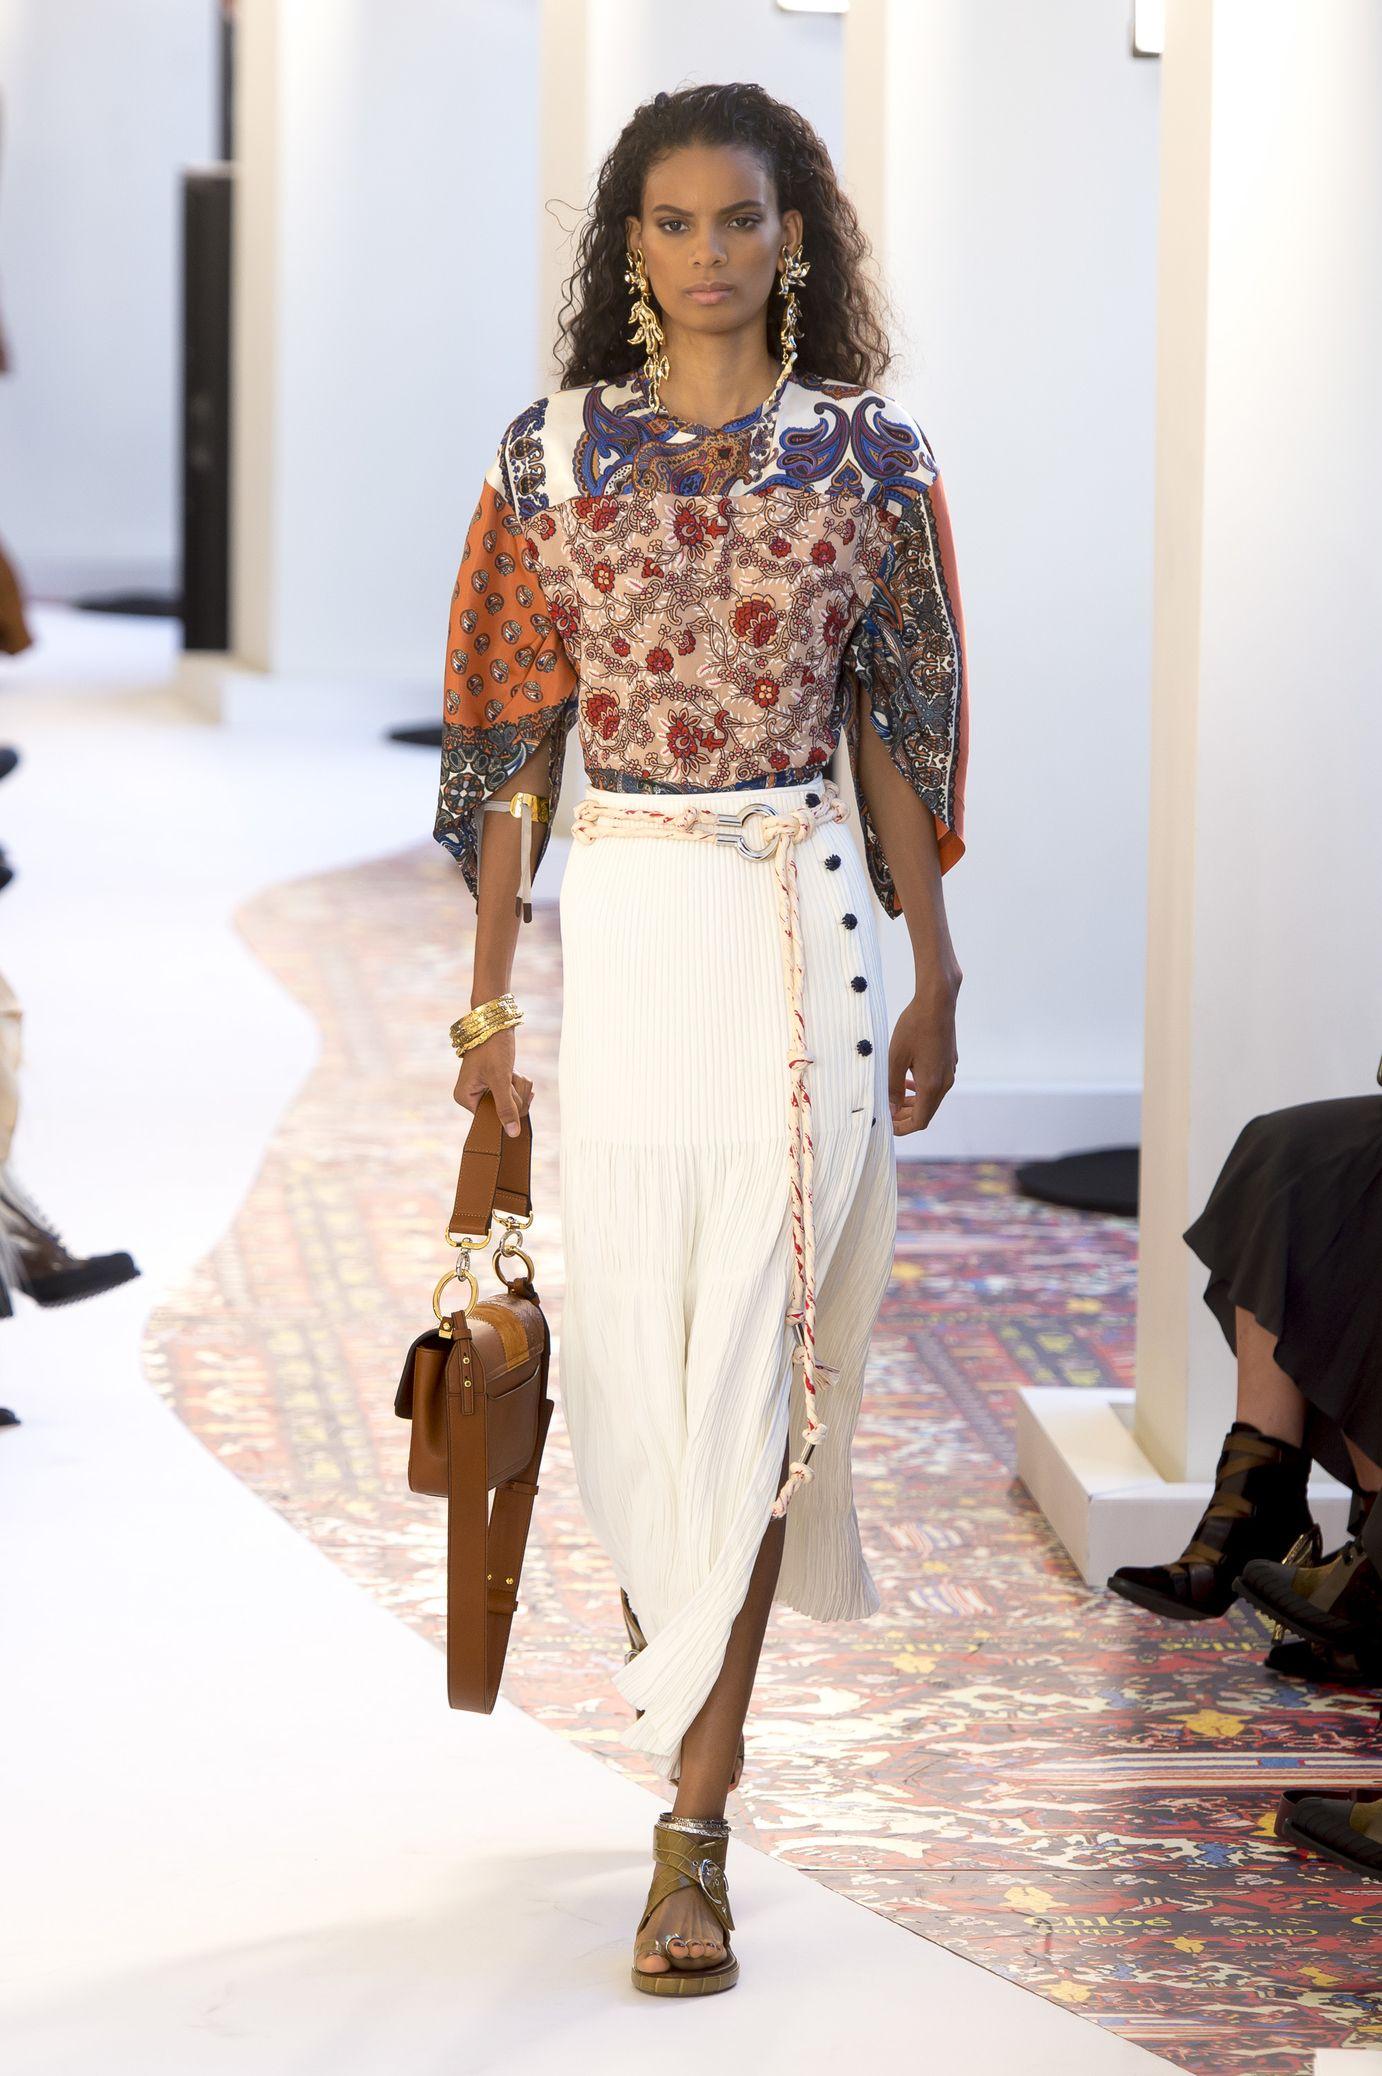 Défilés Ete 2019 Au Top Fashion Spring Fashion Trends Et